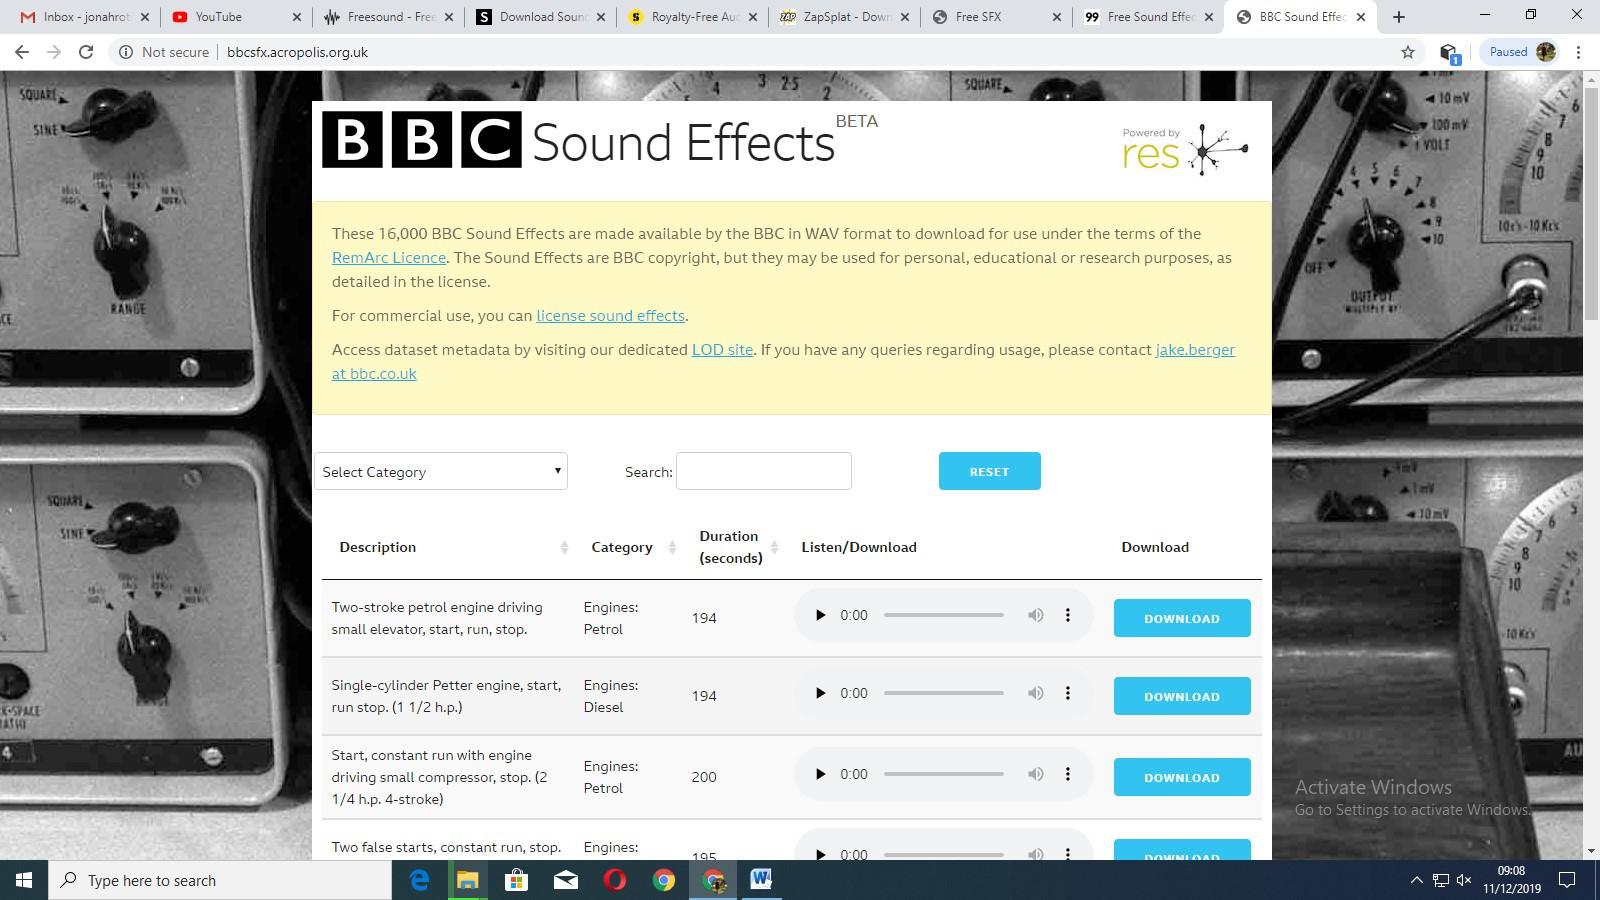 8 Sites D'effet Sonore Libres De Droits Pour Votre Montage Vidéo concernant Effet Sonore Gratuit